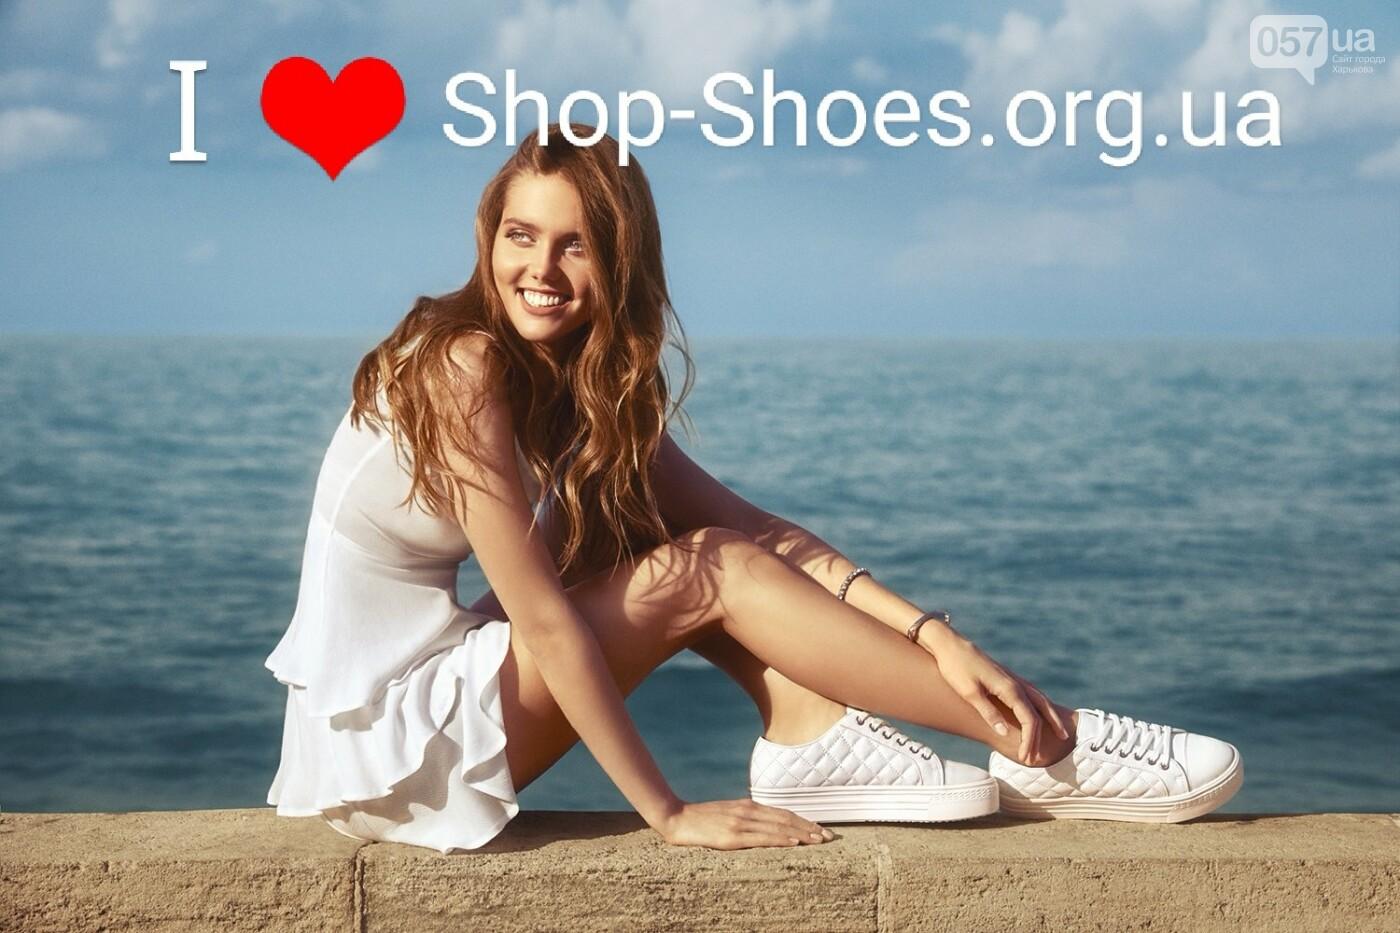 Большой опыт интернет-магазина «Shoes-shop» - надежность и профессионализм проверено годами, фото-1